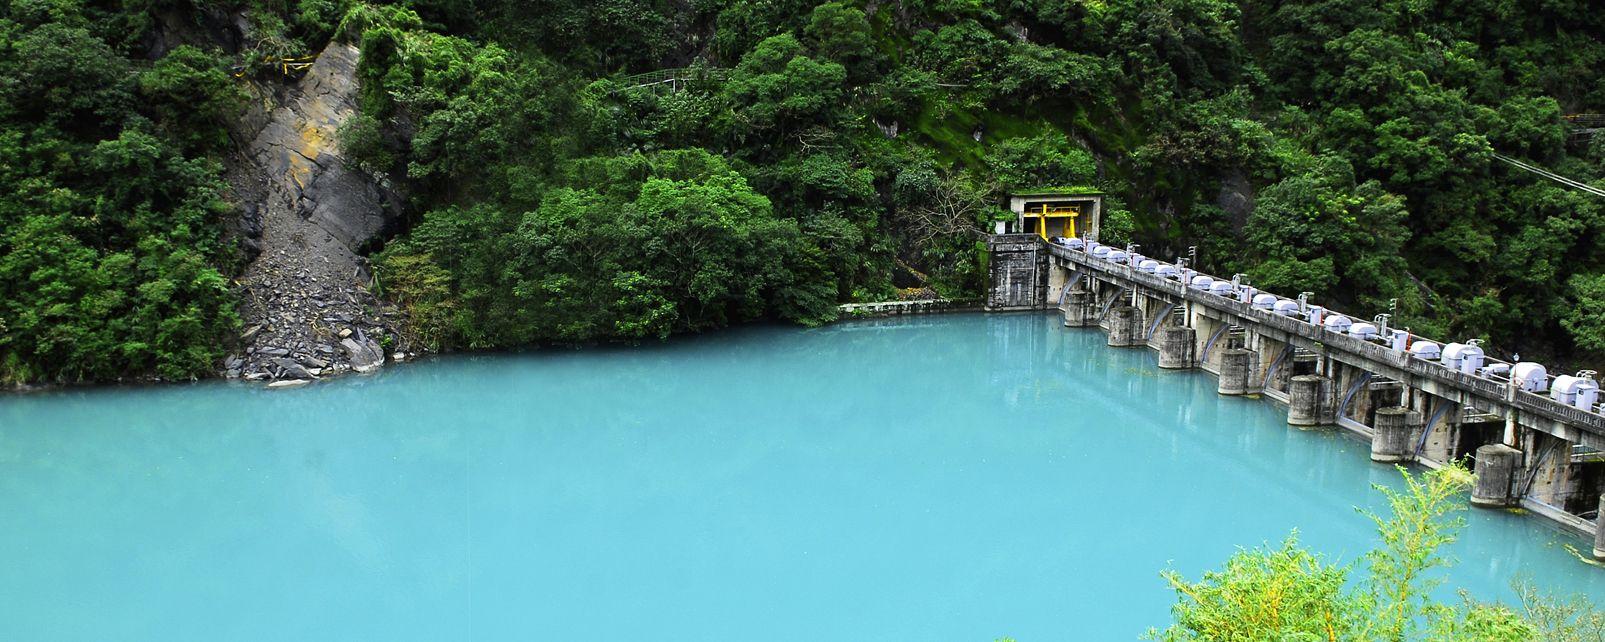 Les sources thermales de Wulaï, Les sources thermales de Wulai, Les paysages, Taïwan